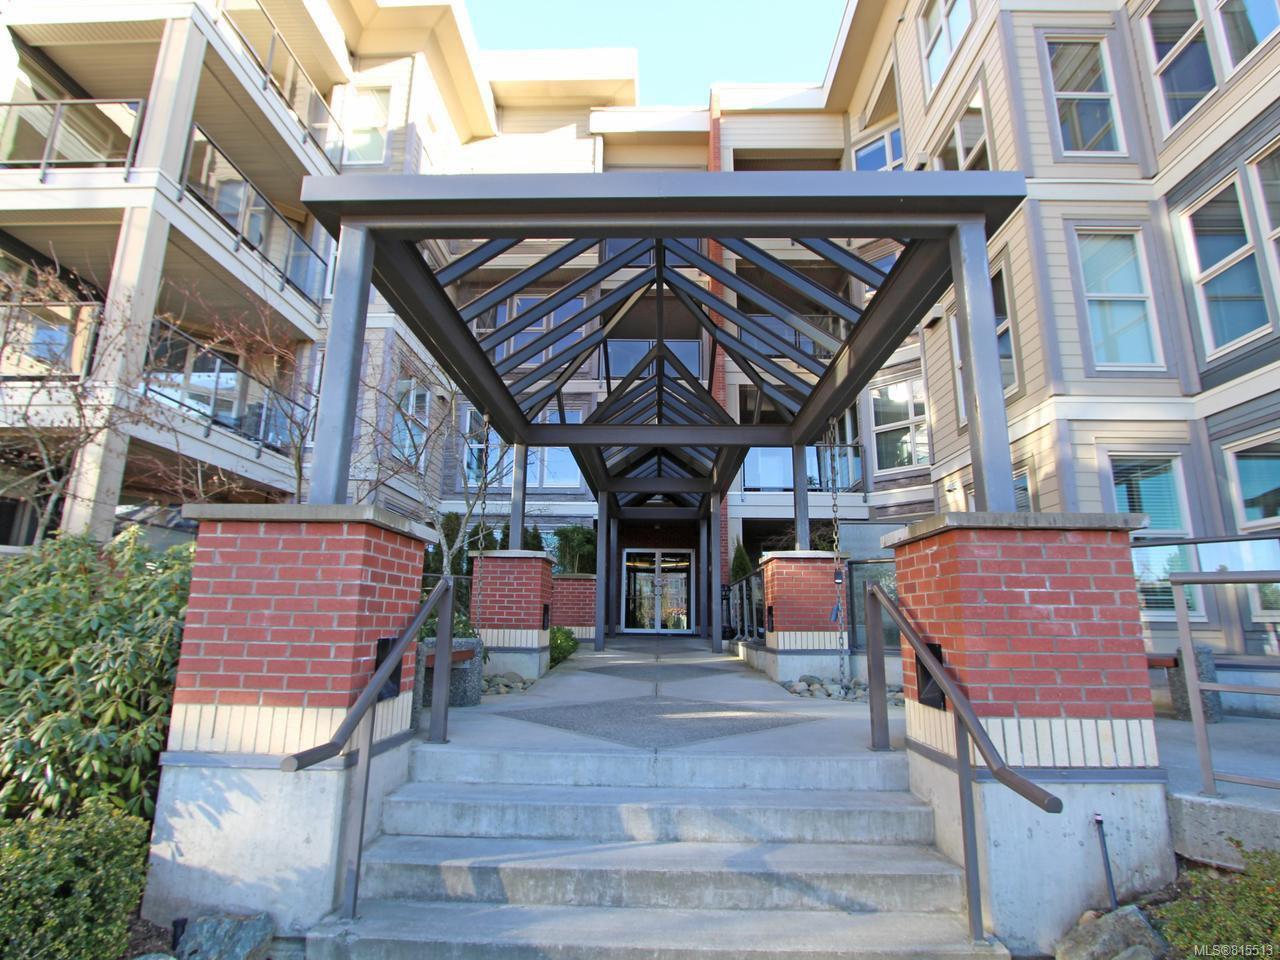 Main Photo: 320 6310 McRobb Ave in NANAIMO: Na North Nanaimo Condo for sale (Nanaimo)  : MLS®# 815513